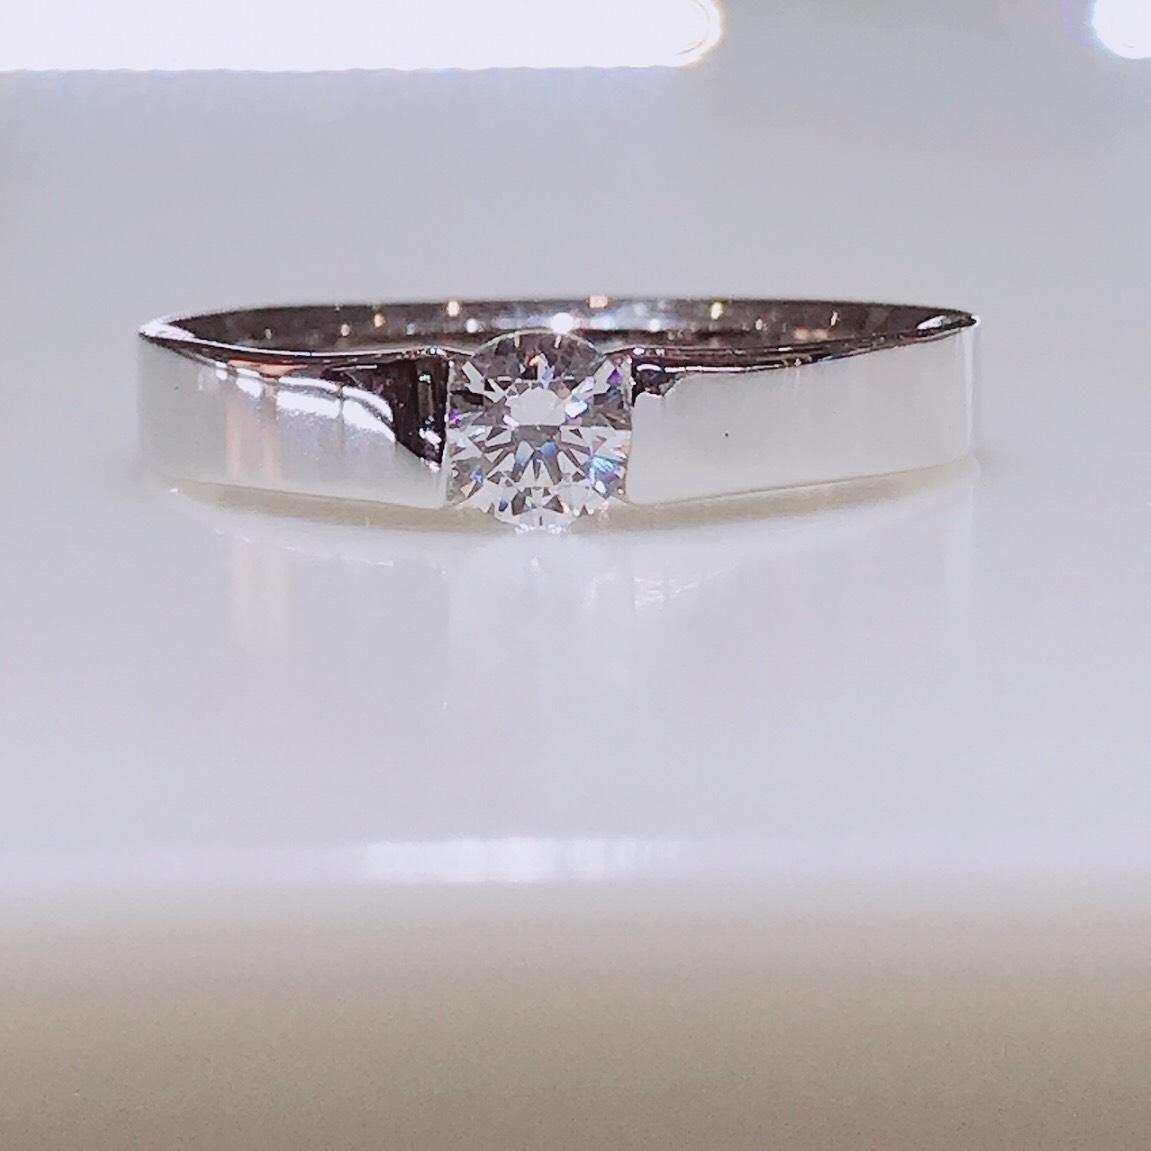 BROOCH 婚約指輪 エンゲージリング 伏せ込みストレートデザイン